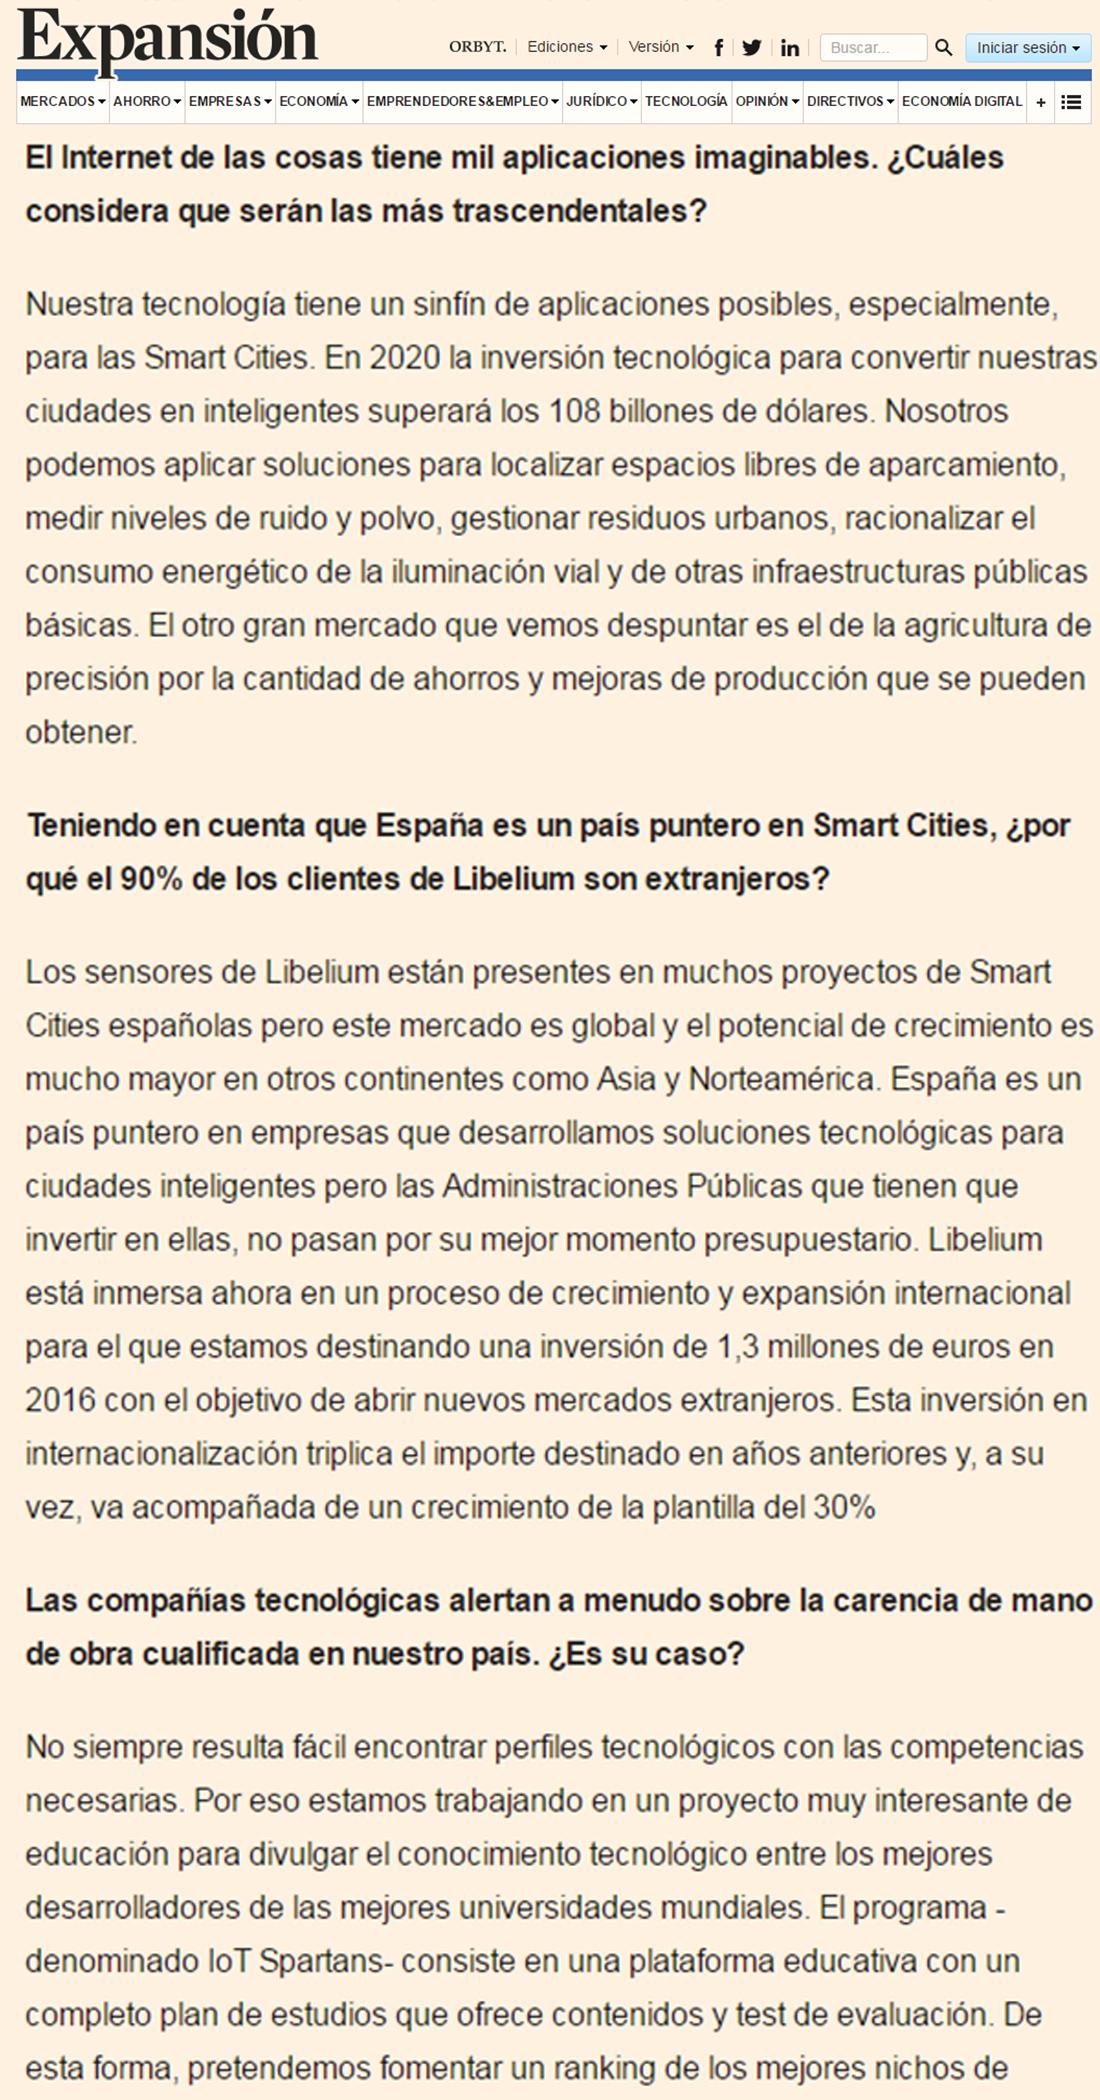 Expansión.com – El crecimiento de Libelium